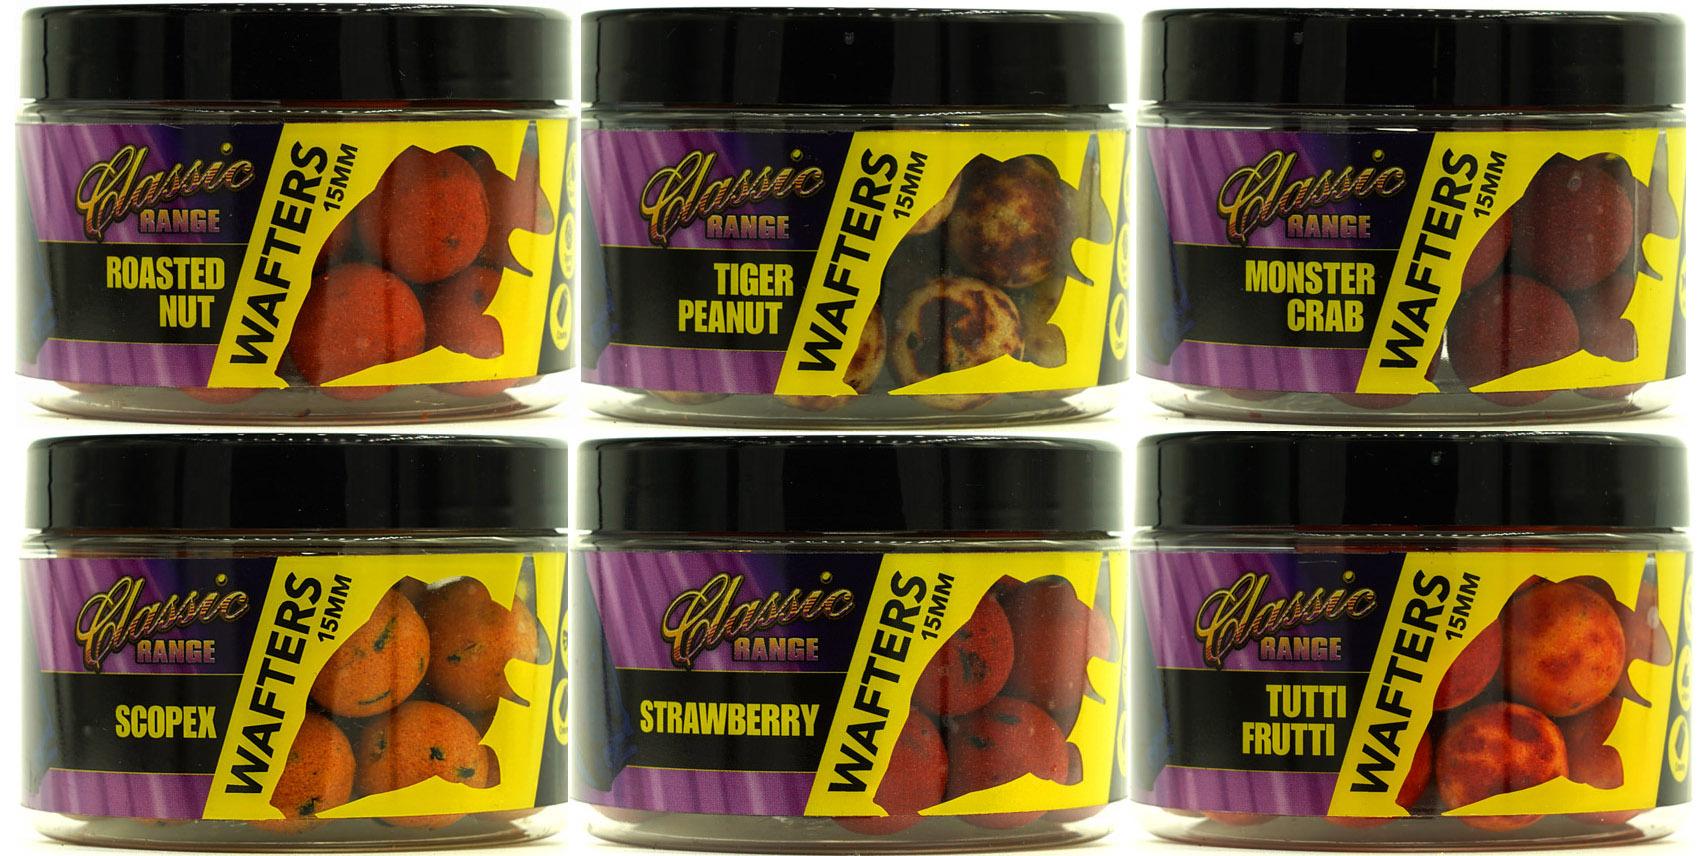 Martin SB Classic Range Tiger Peanut Wafters